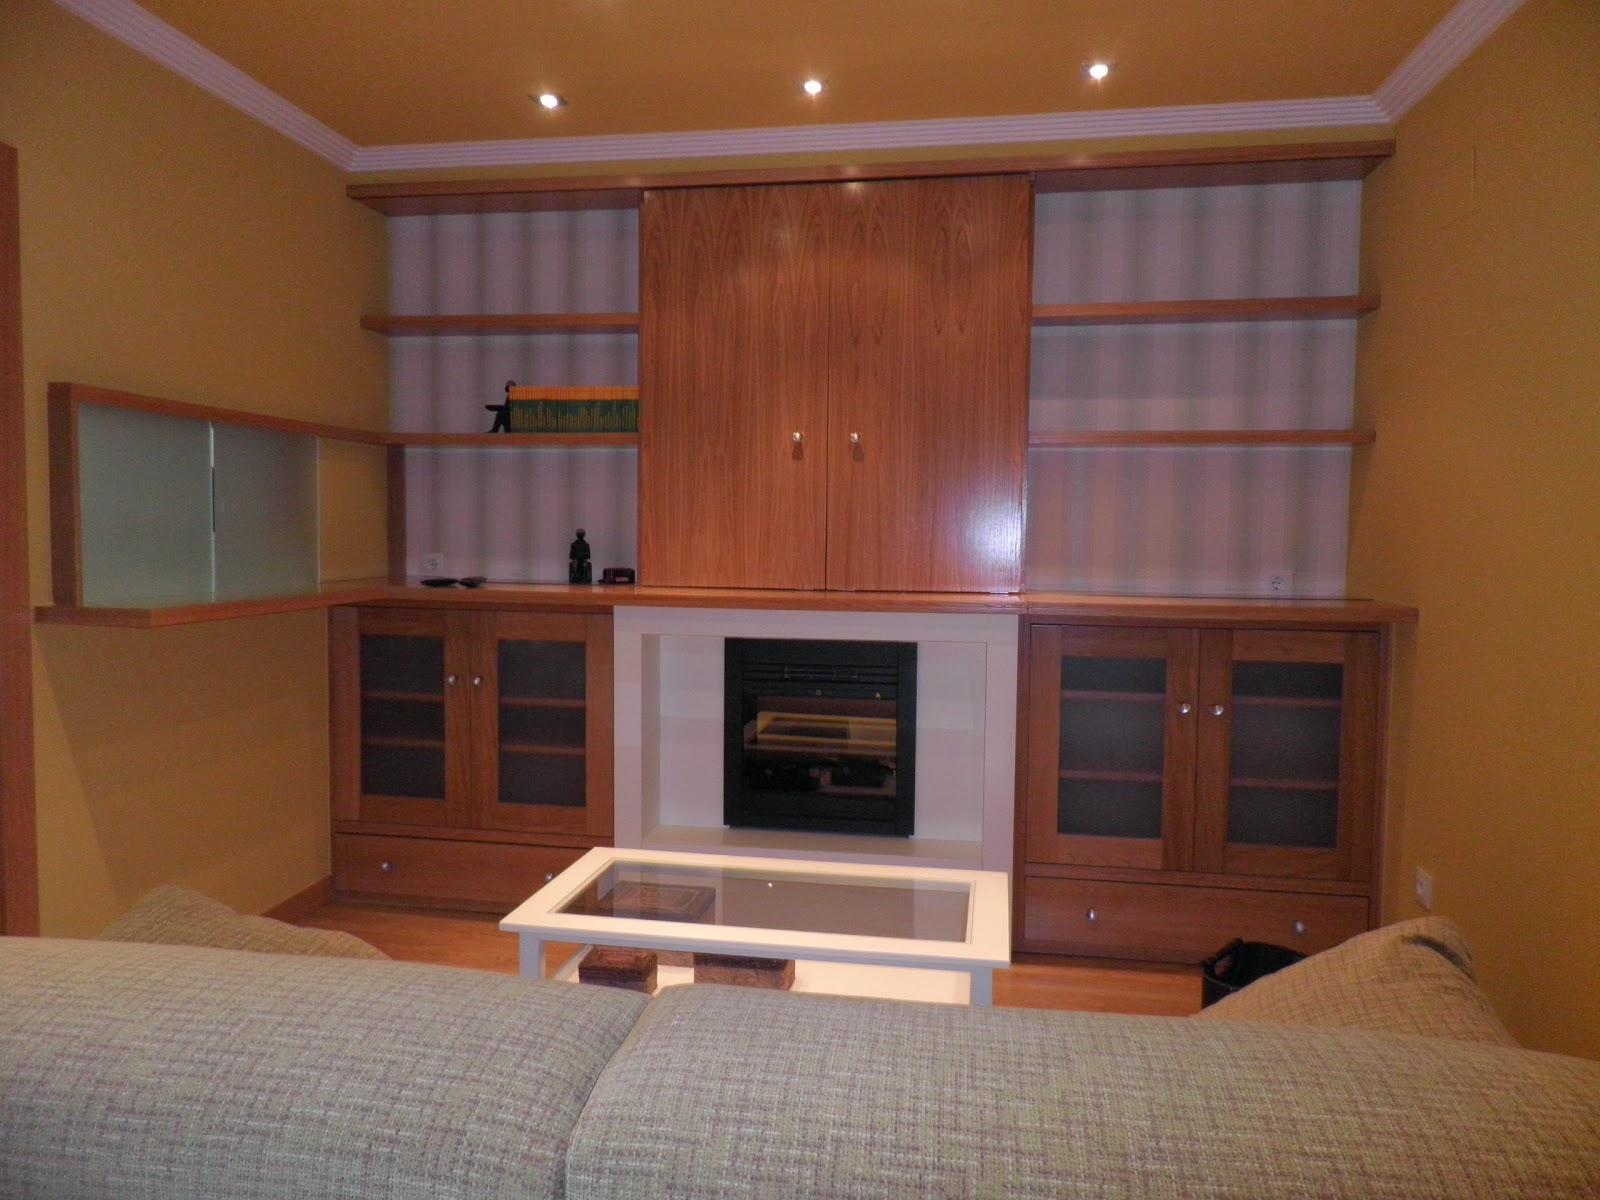 Interiorismo y decoracion lola torga cocina integrada y - Muebles de salon con chimenea integrada ...